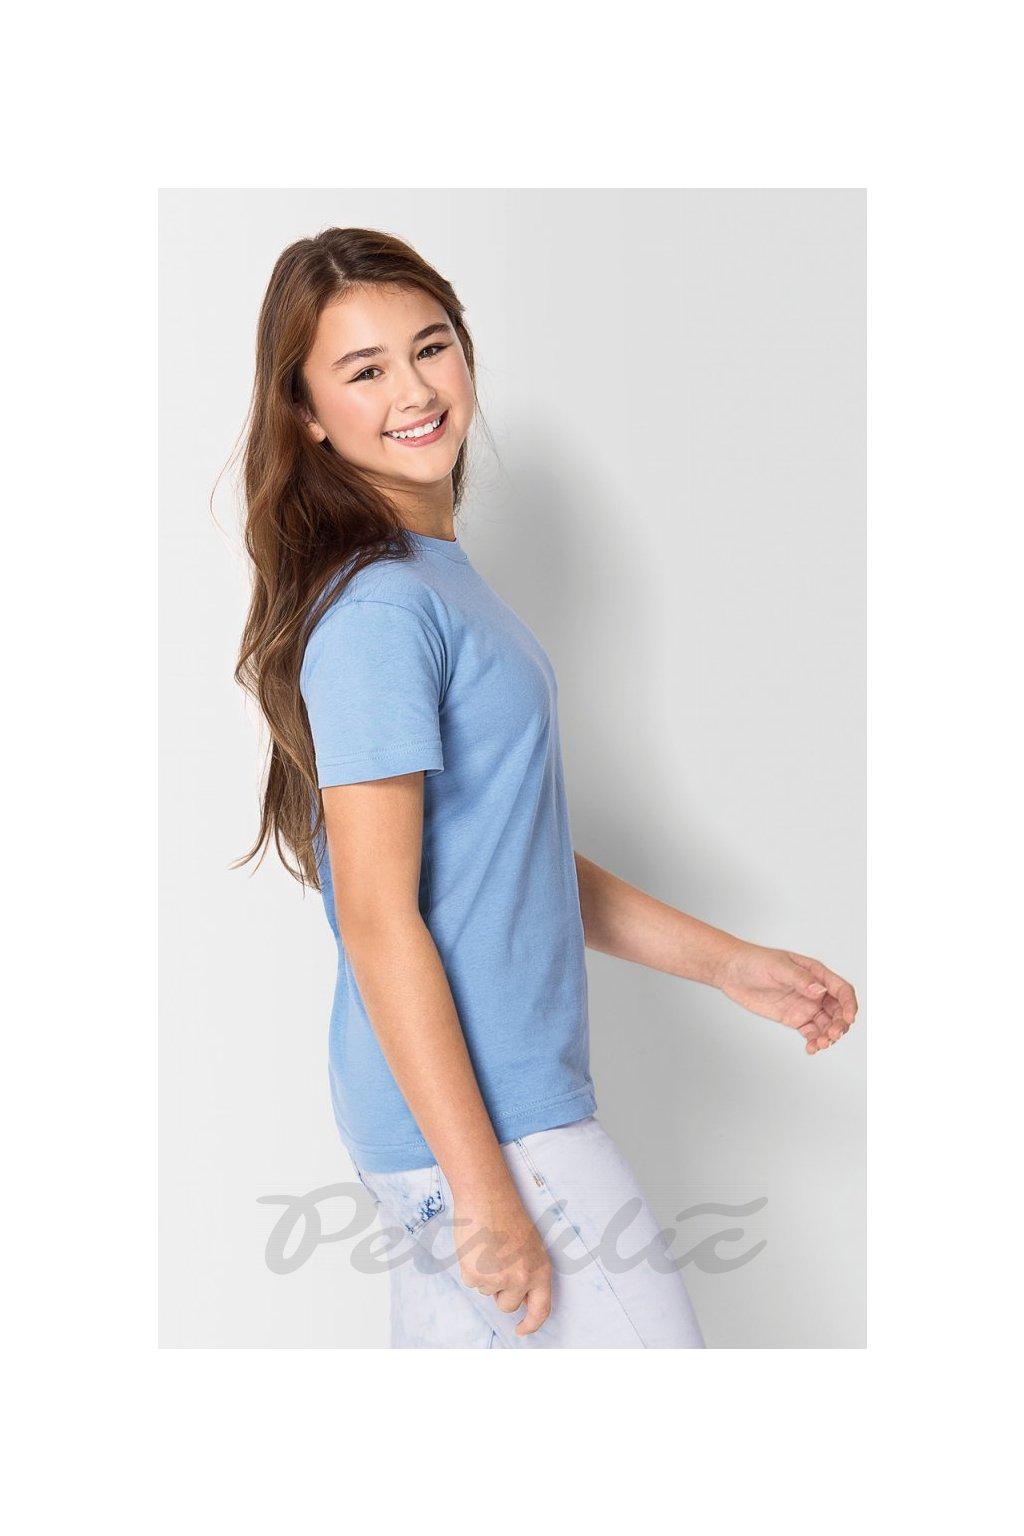 Dětské tričko ze 100% bavlny Pelican